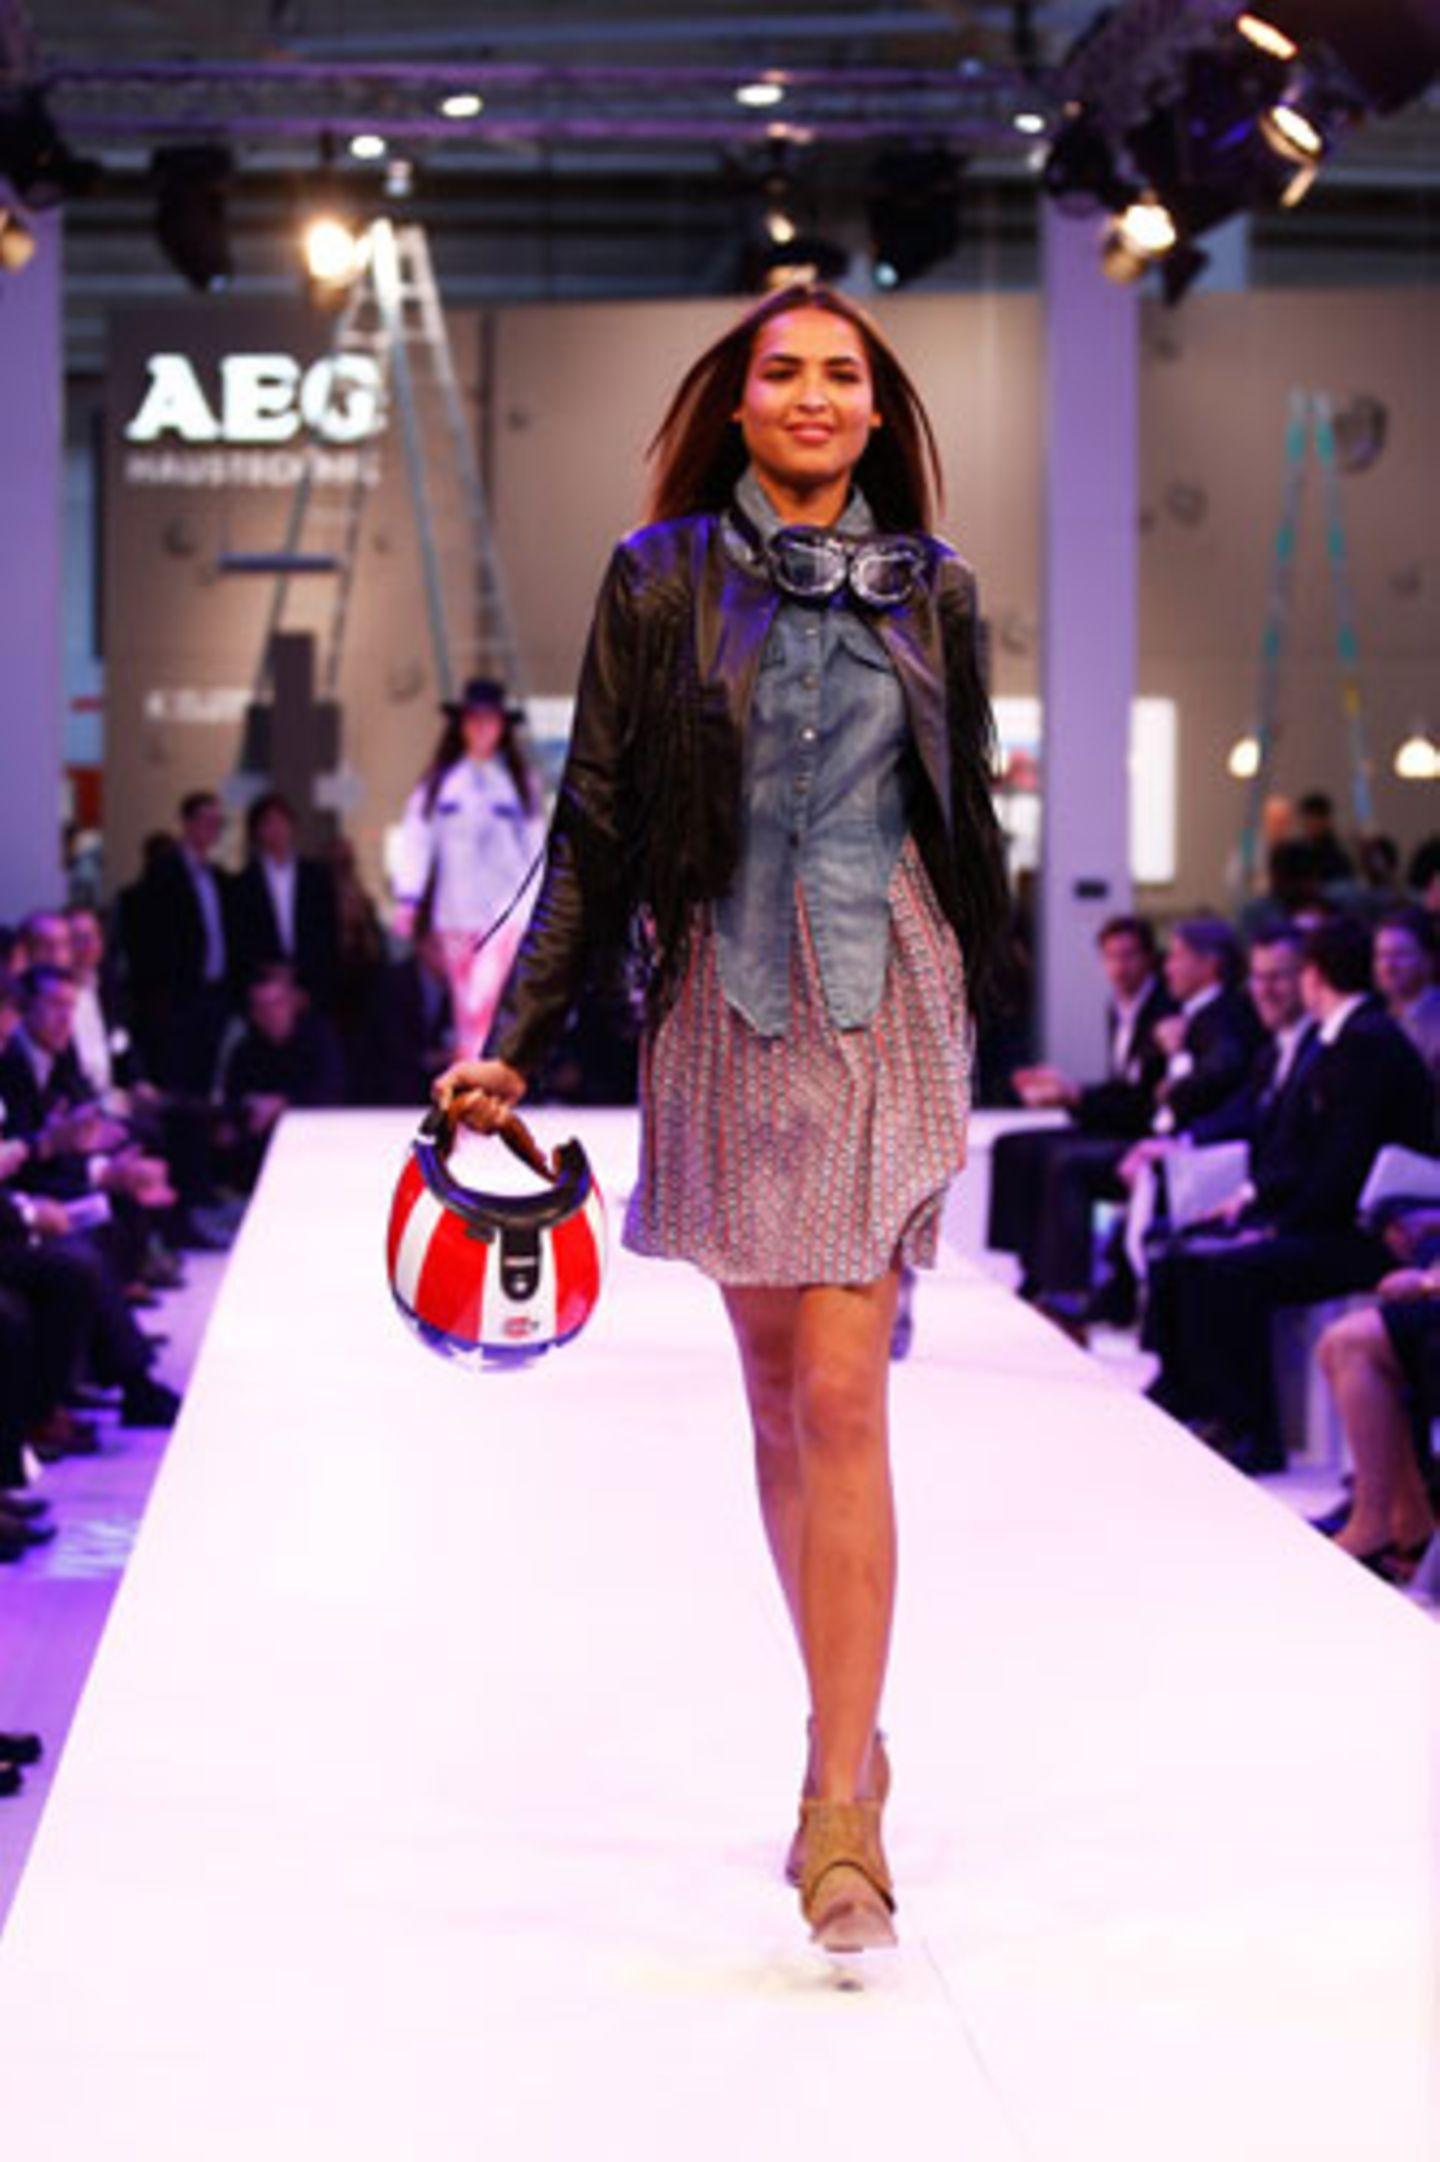 Kleid: Silvian Heach. Lederjacke: Denham. Boots: HTC. Helm und Brille: 24helmets.de.